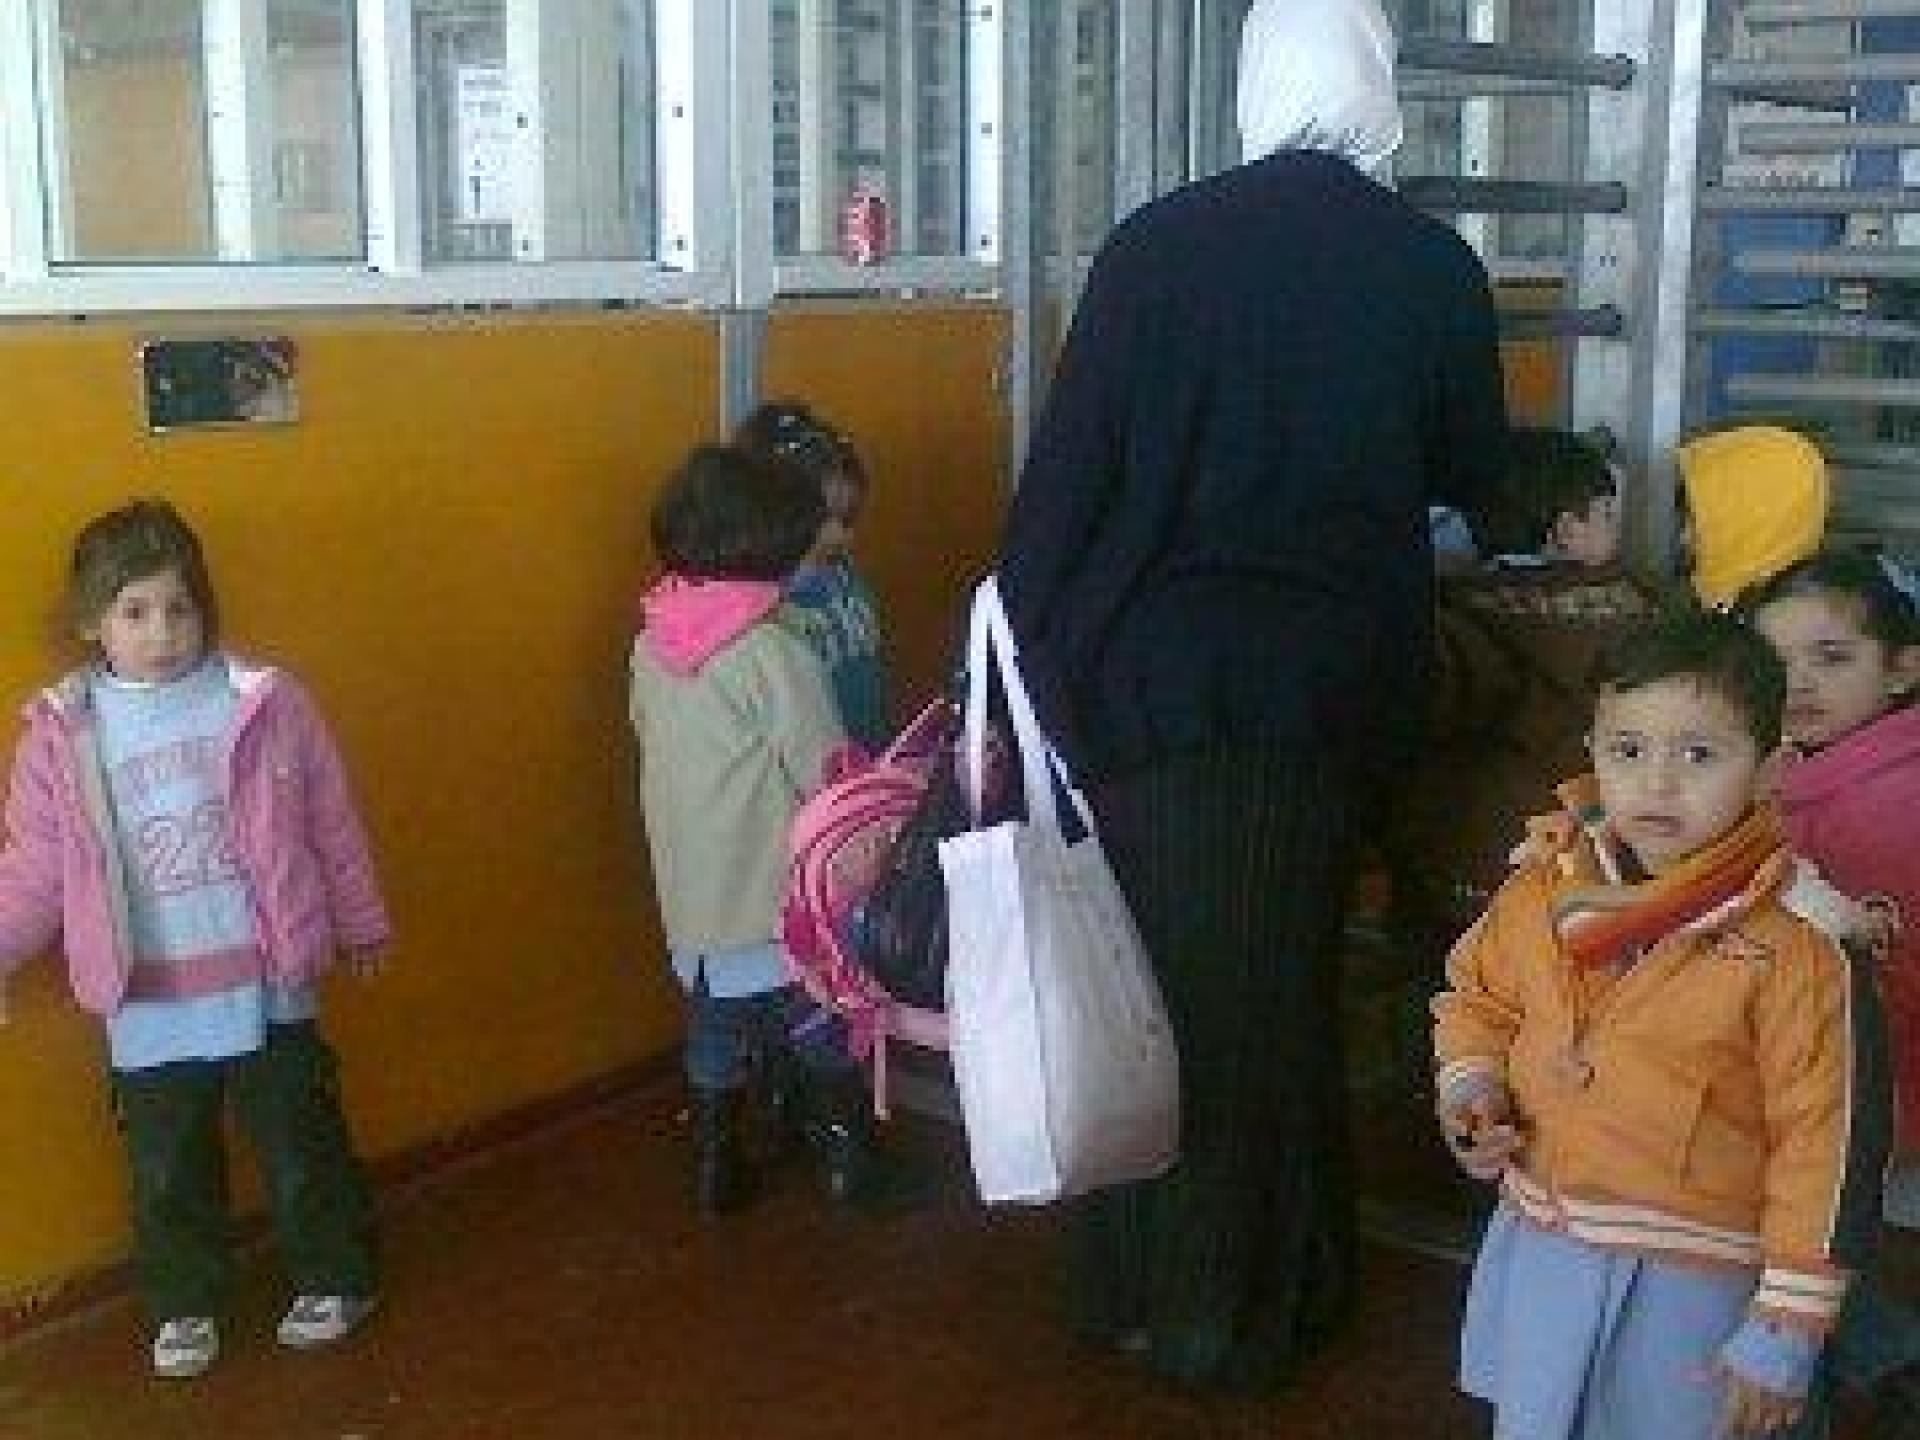 Ras abu Sbeitan/Zeitim/Zaytoun checkpoint 09.03.11